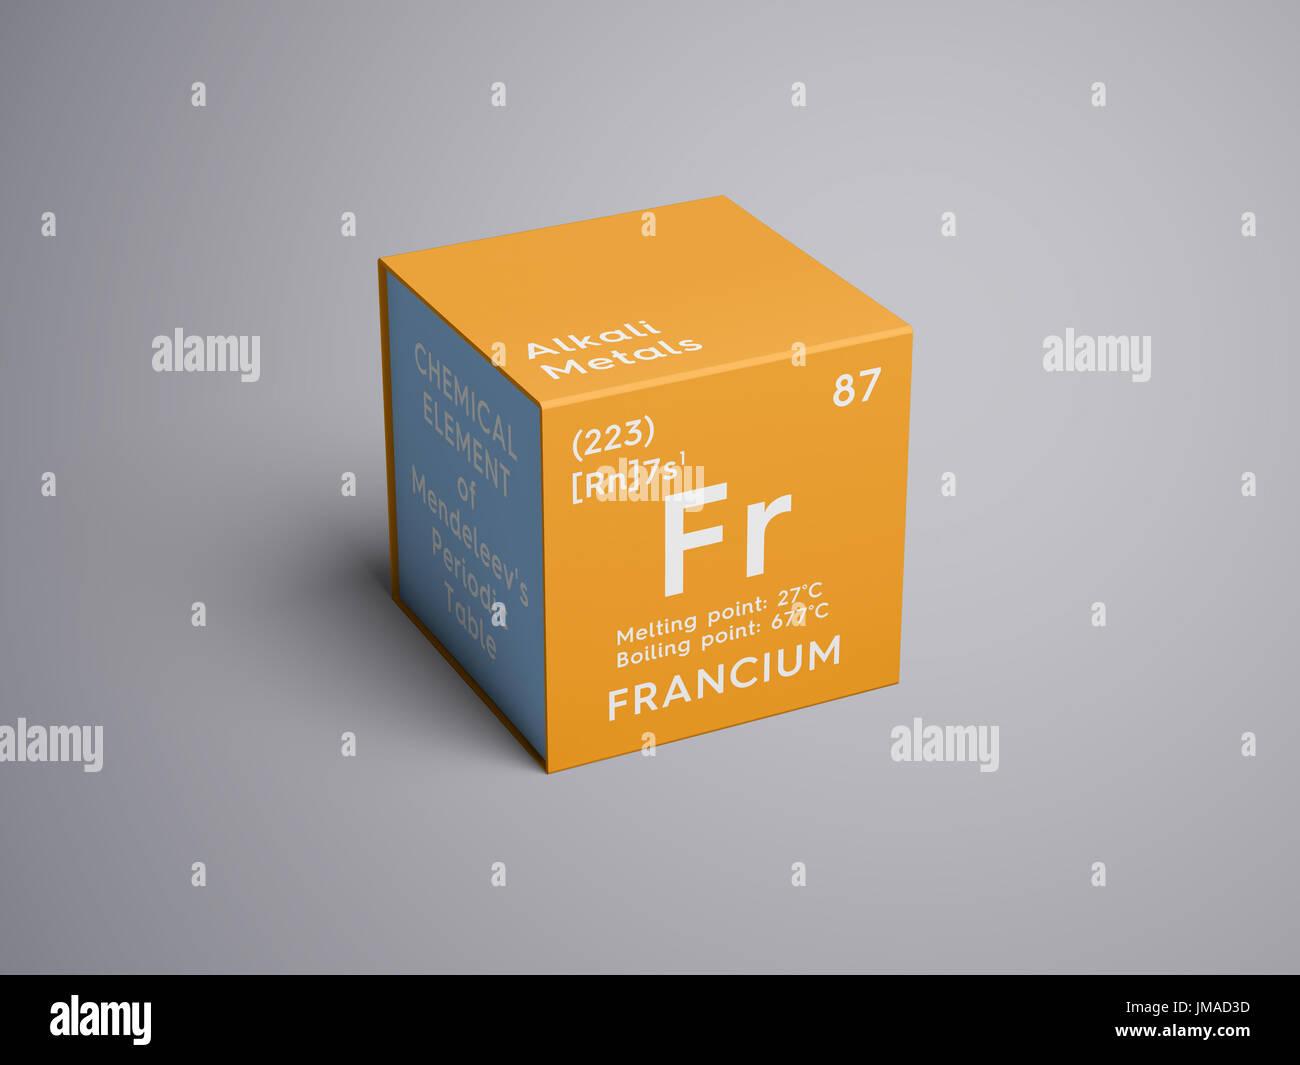 Francio metales alcalinos elemento qumico de la tabla peridica francio metales alcalinos elemento qumico de la tabla peridica de mendeleyev francio en square cube concepto creativo urtaz Gallery